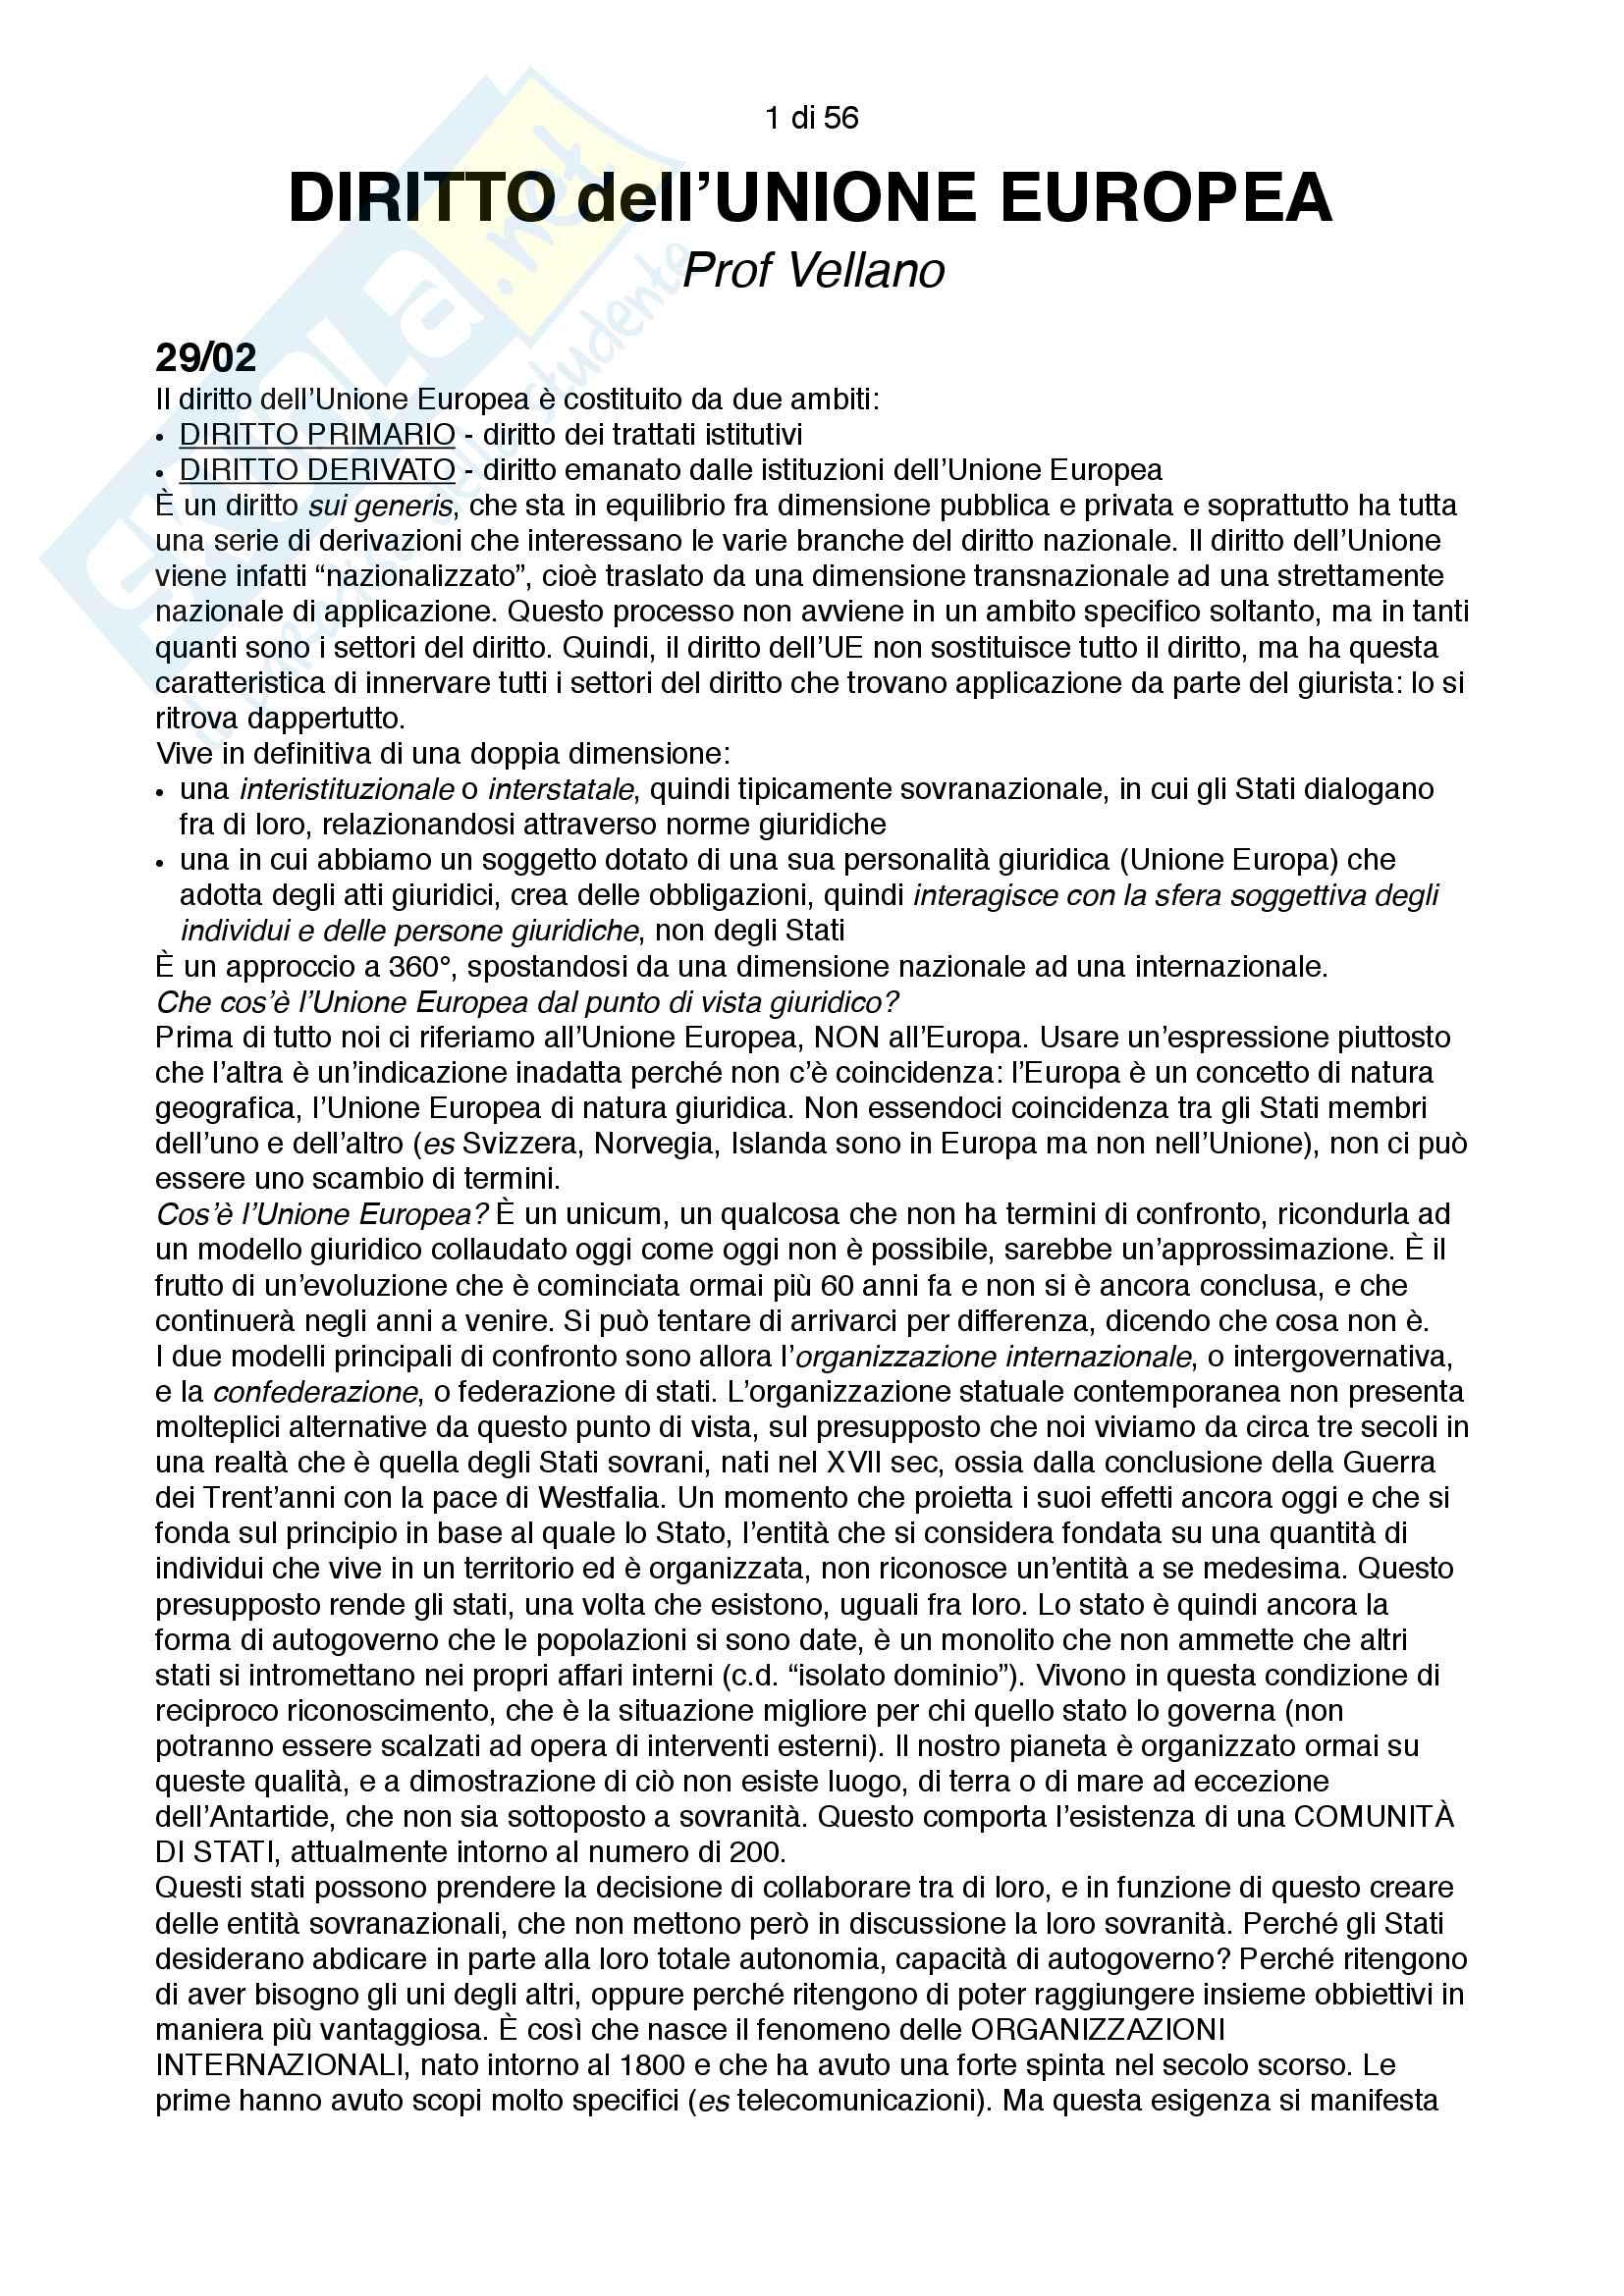 Appunti integrali e aggiornati di diritto dell'Unione Europea, docente Vellano